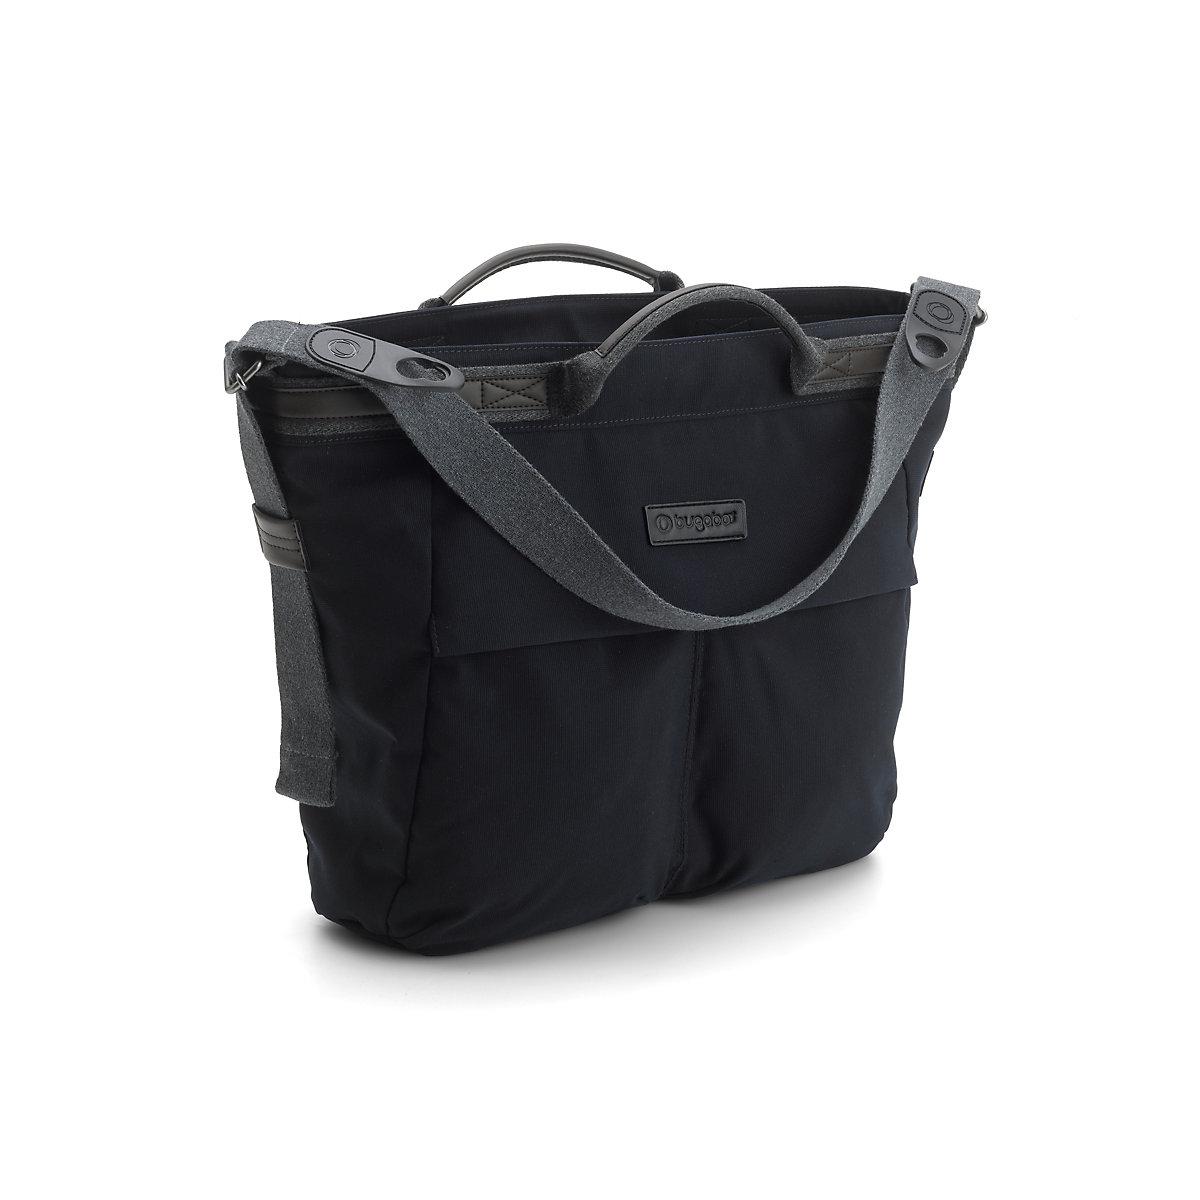 Bugaboo changing bag - black